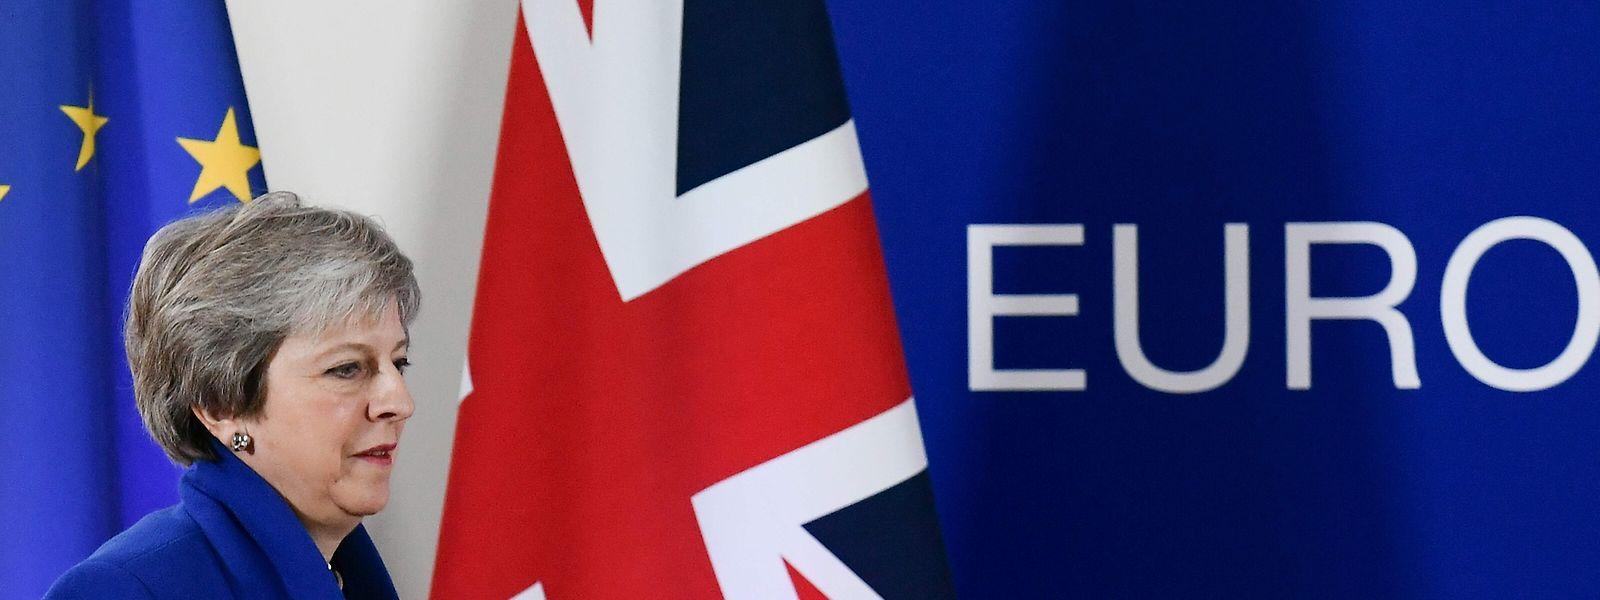 Theresa May kündigte an, daheim für Zustimmung zu dem Deal zu kämpfen.